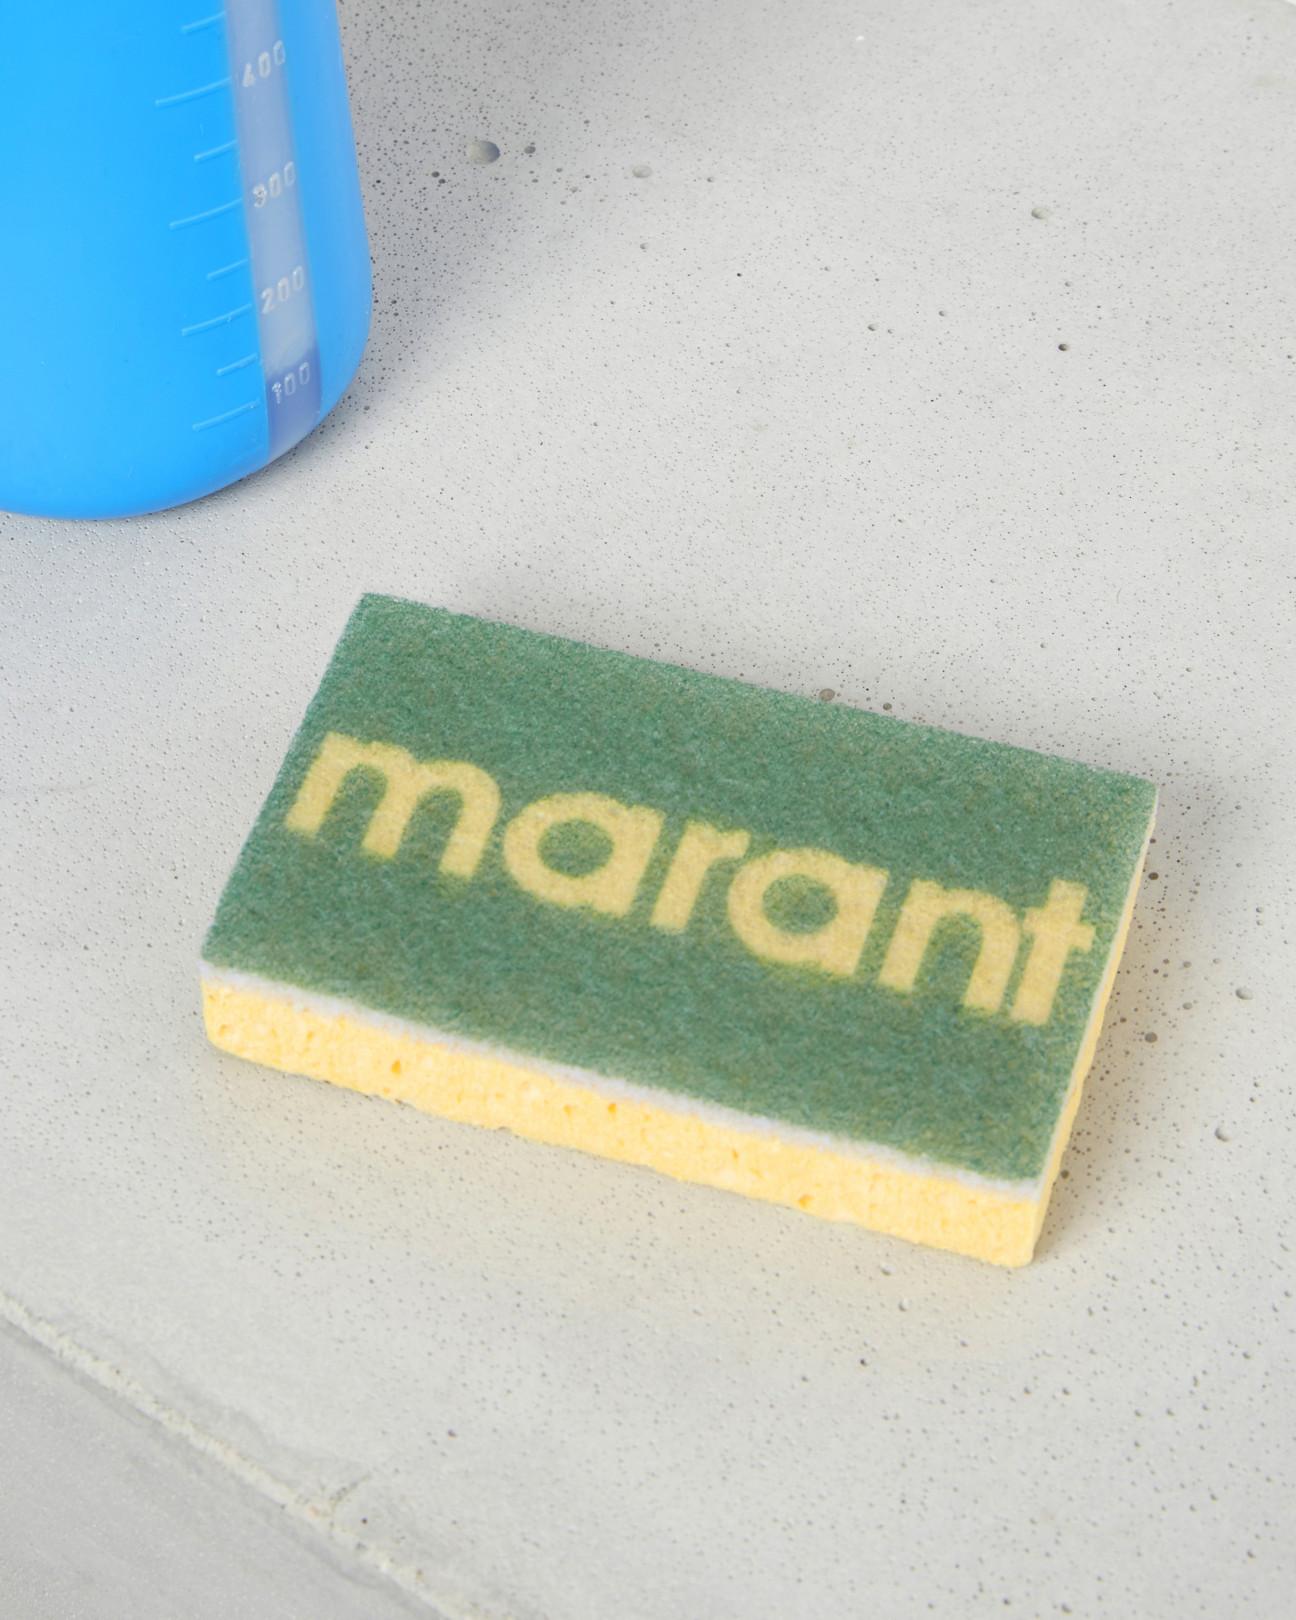 イザベル マラン(ISABEL MARANT)が、カプセルコレクション「LOGO A GOGO」発売